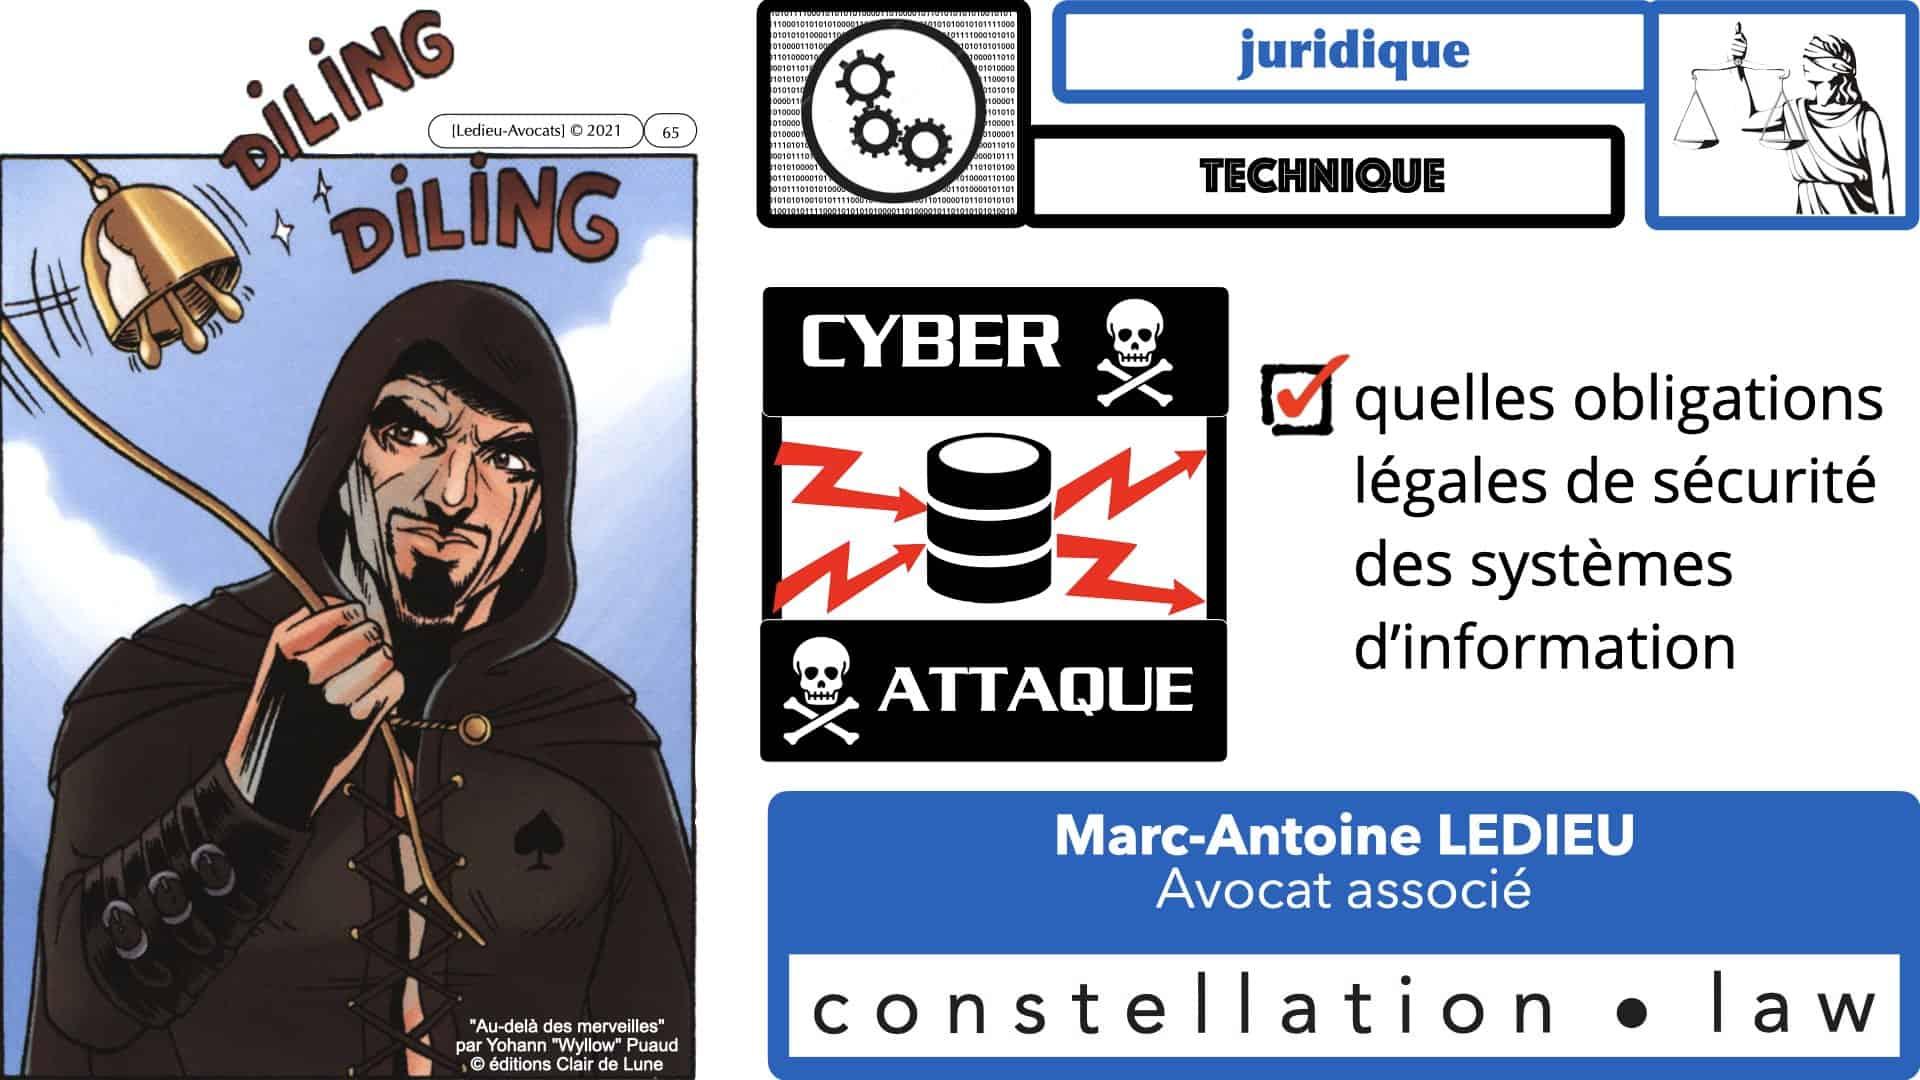 330 CYBER ATTAQUE © Ledieu-Avocats 09-03-2021.065